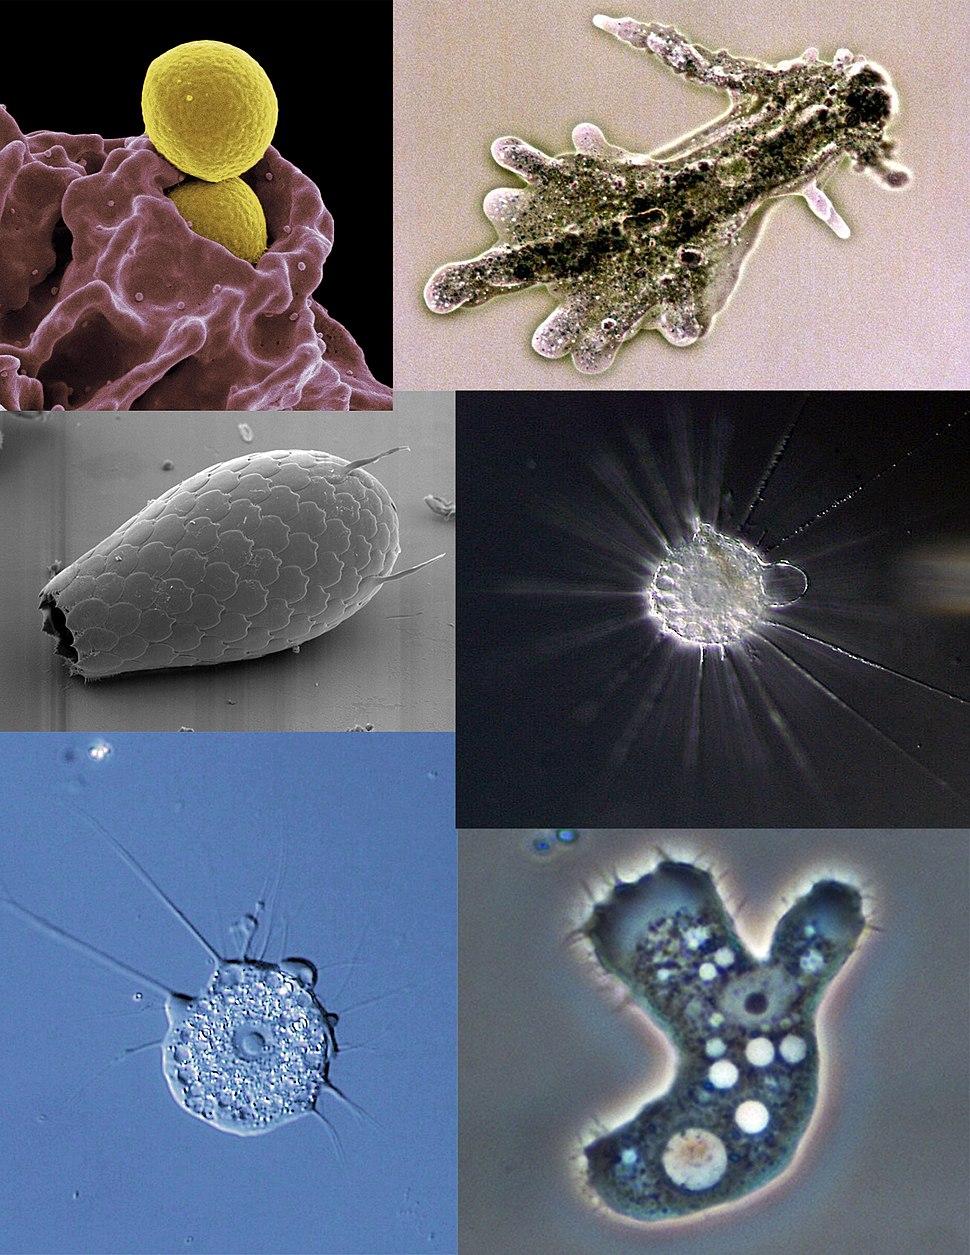 Amoeba collage